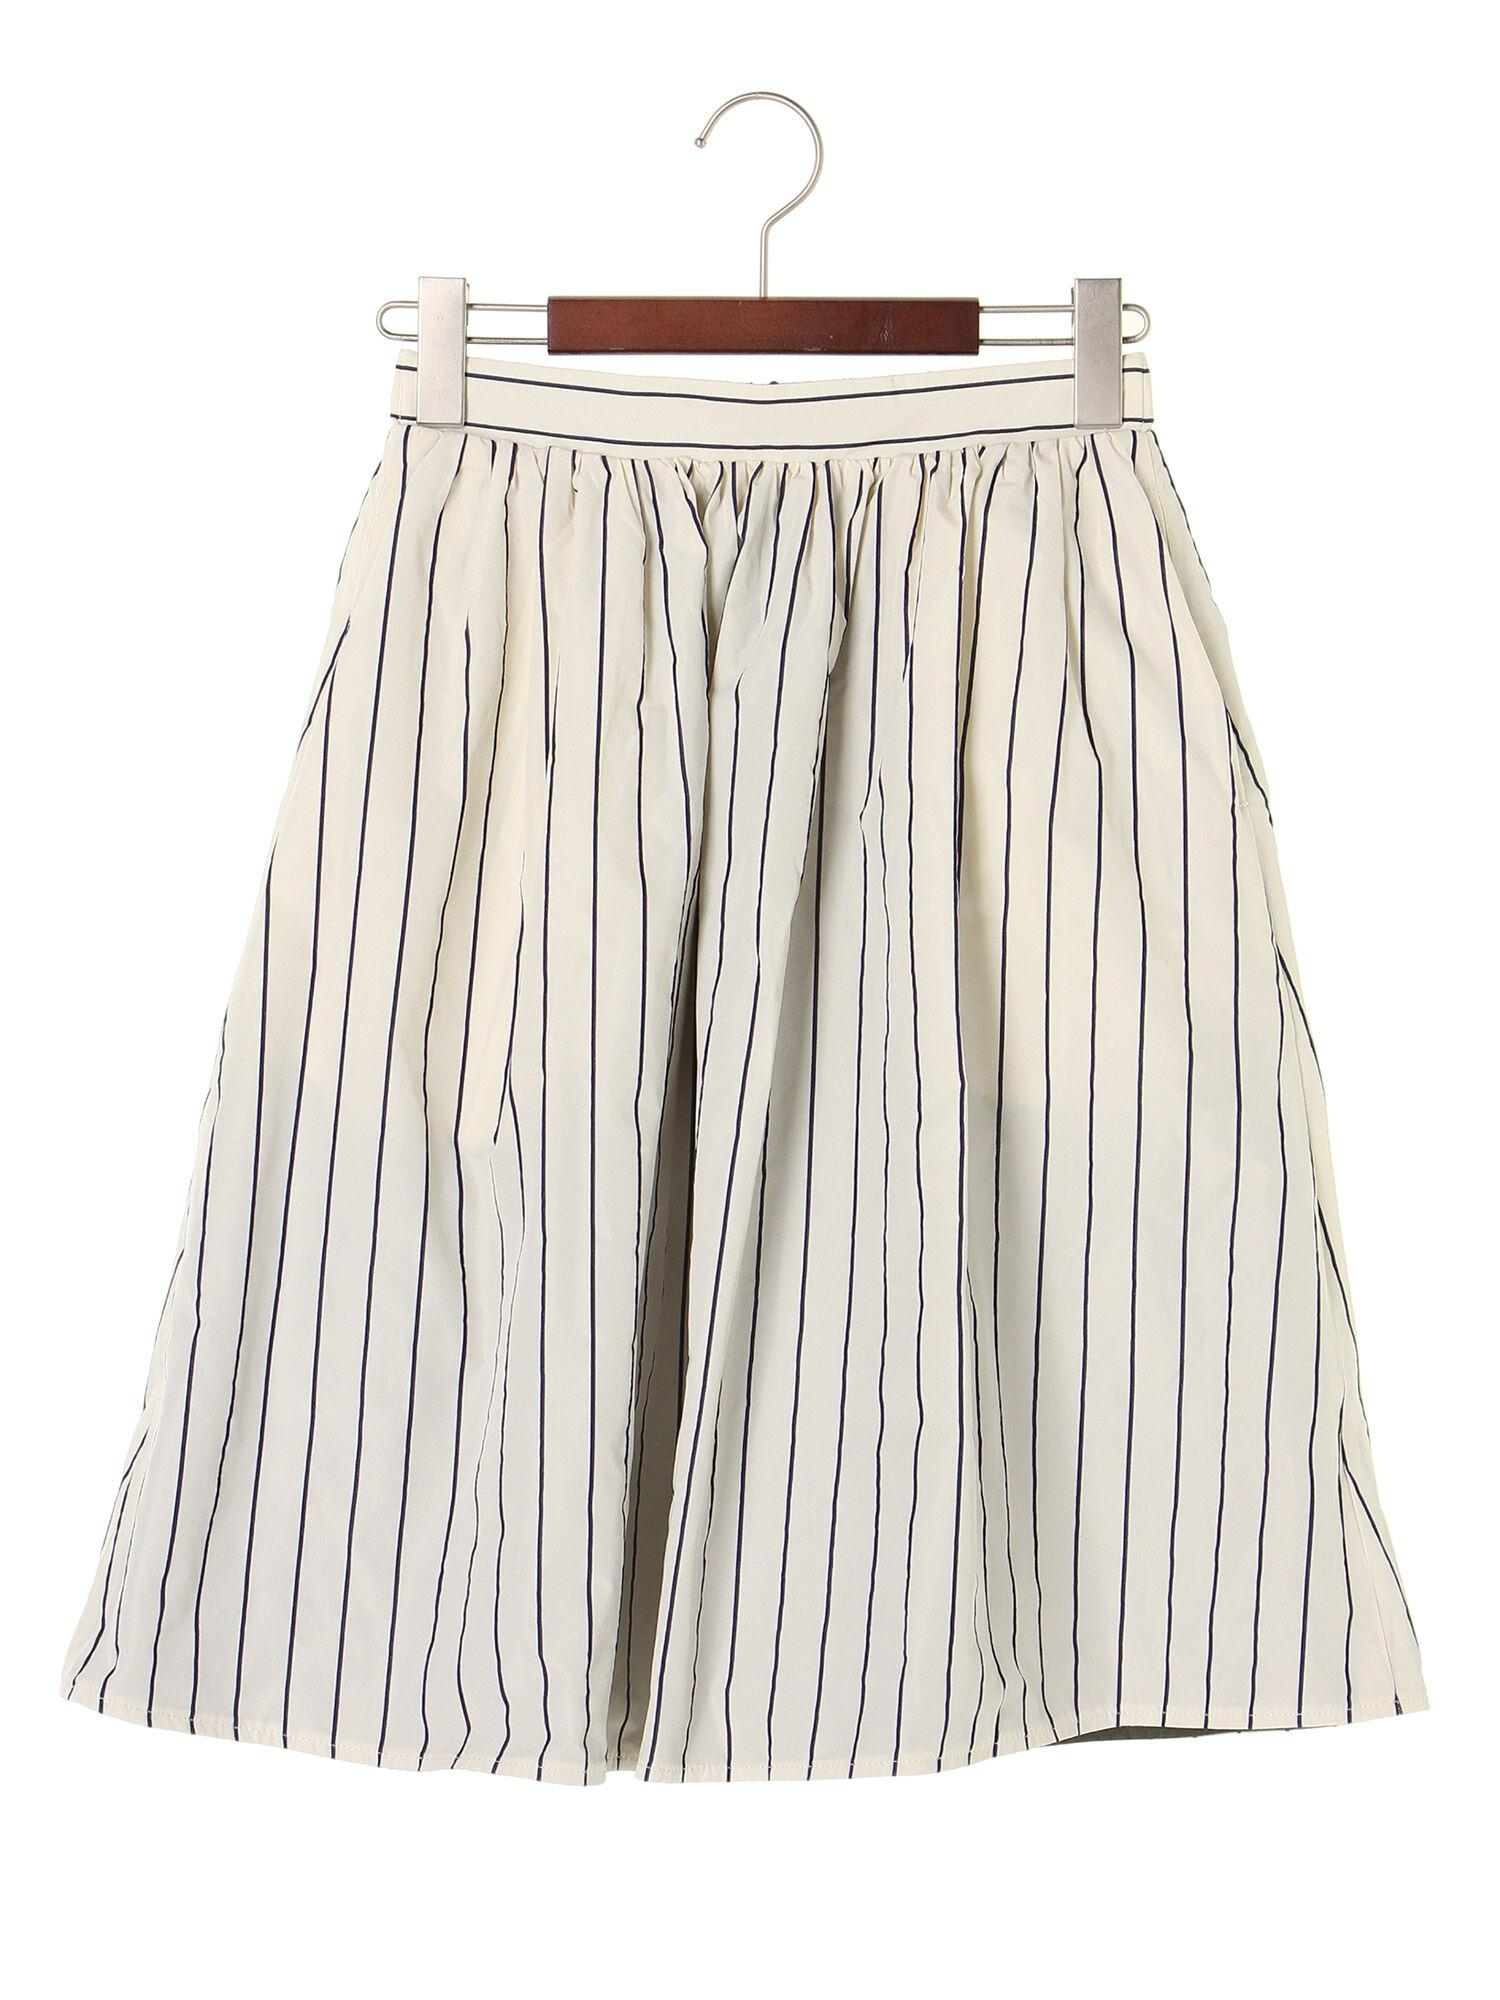 タフタリバーシブルスカート